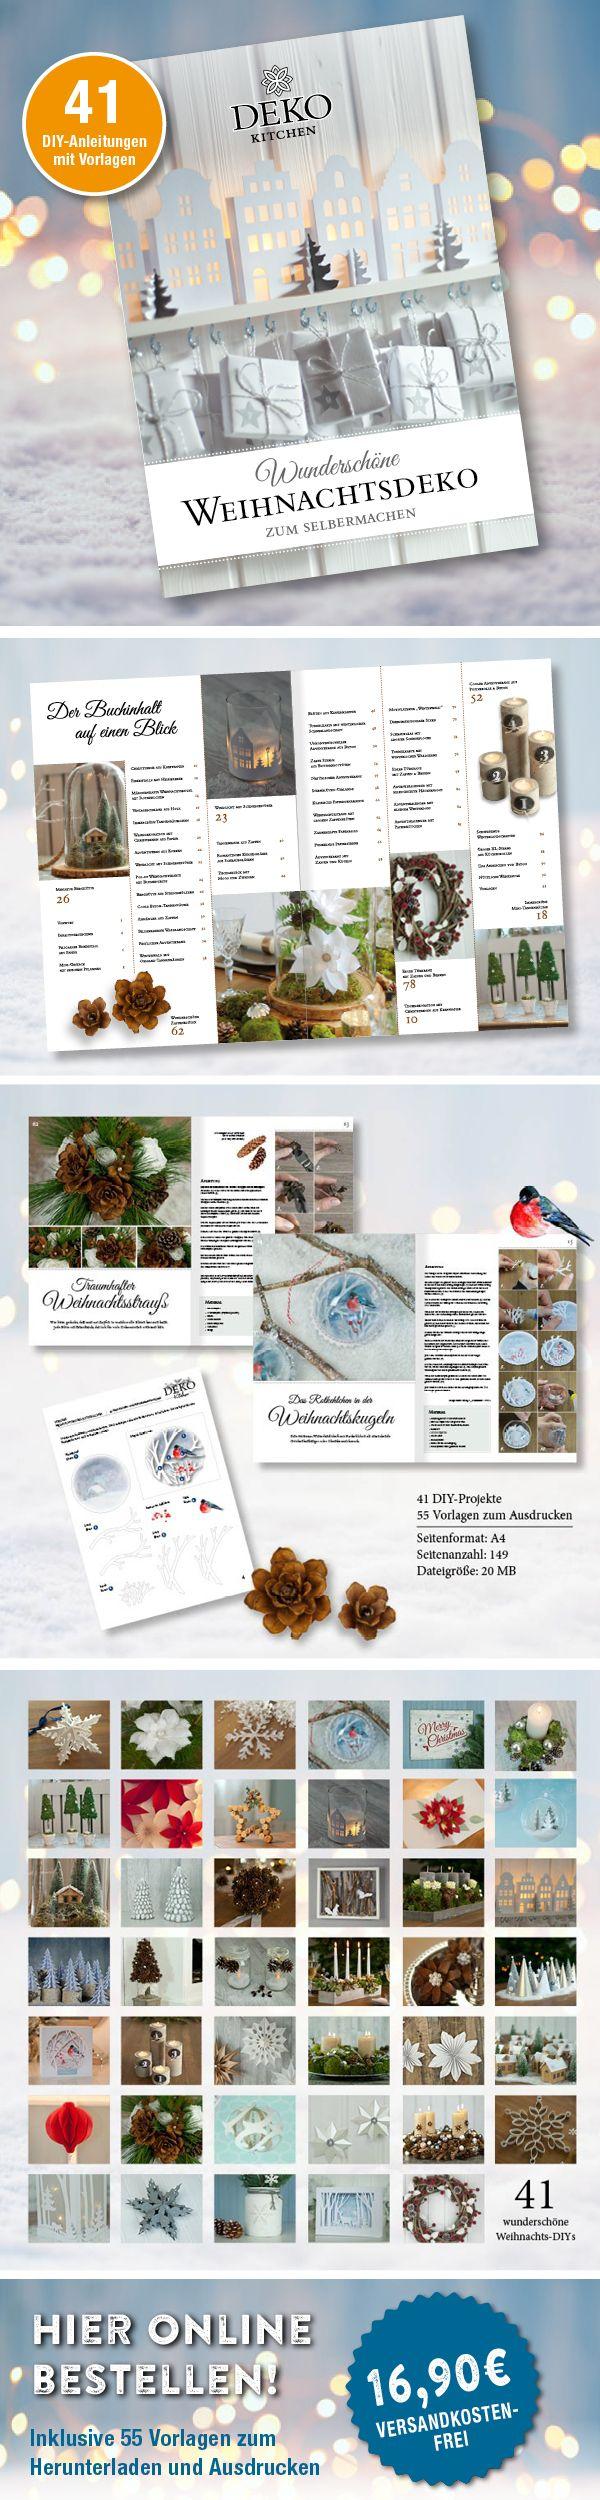 Wunderschöne Weihnachtsdeko zum Selbermachen | DIY: wunderschöne ...